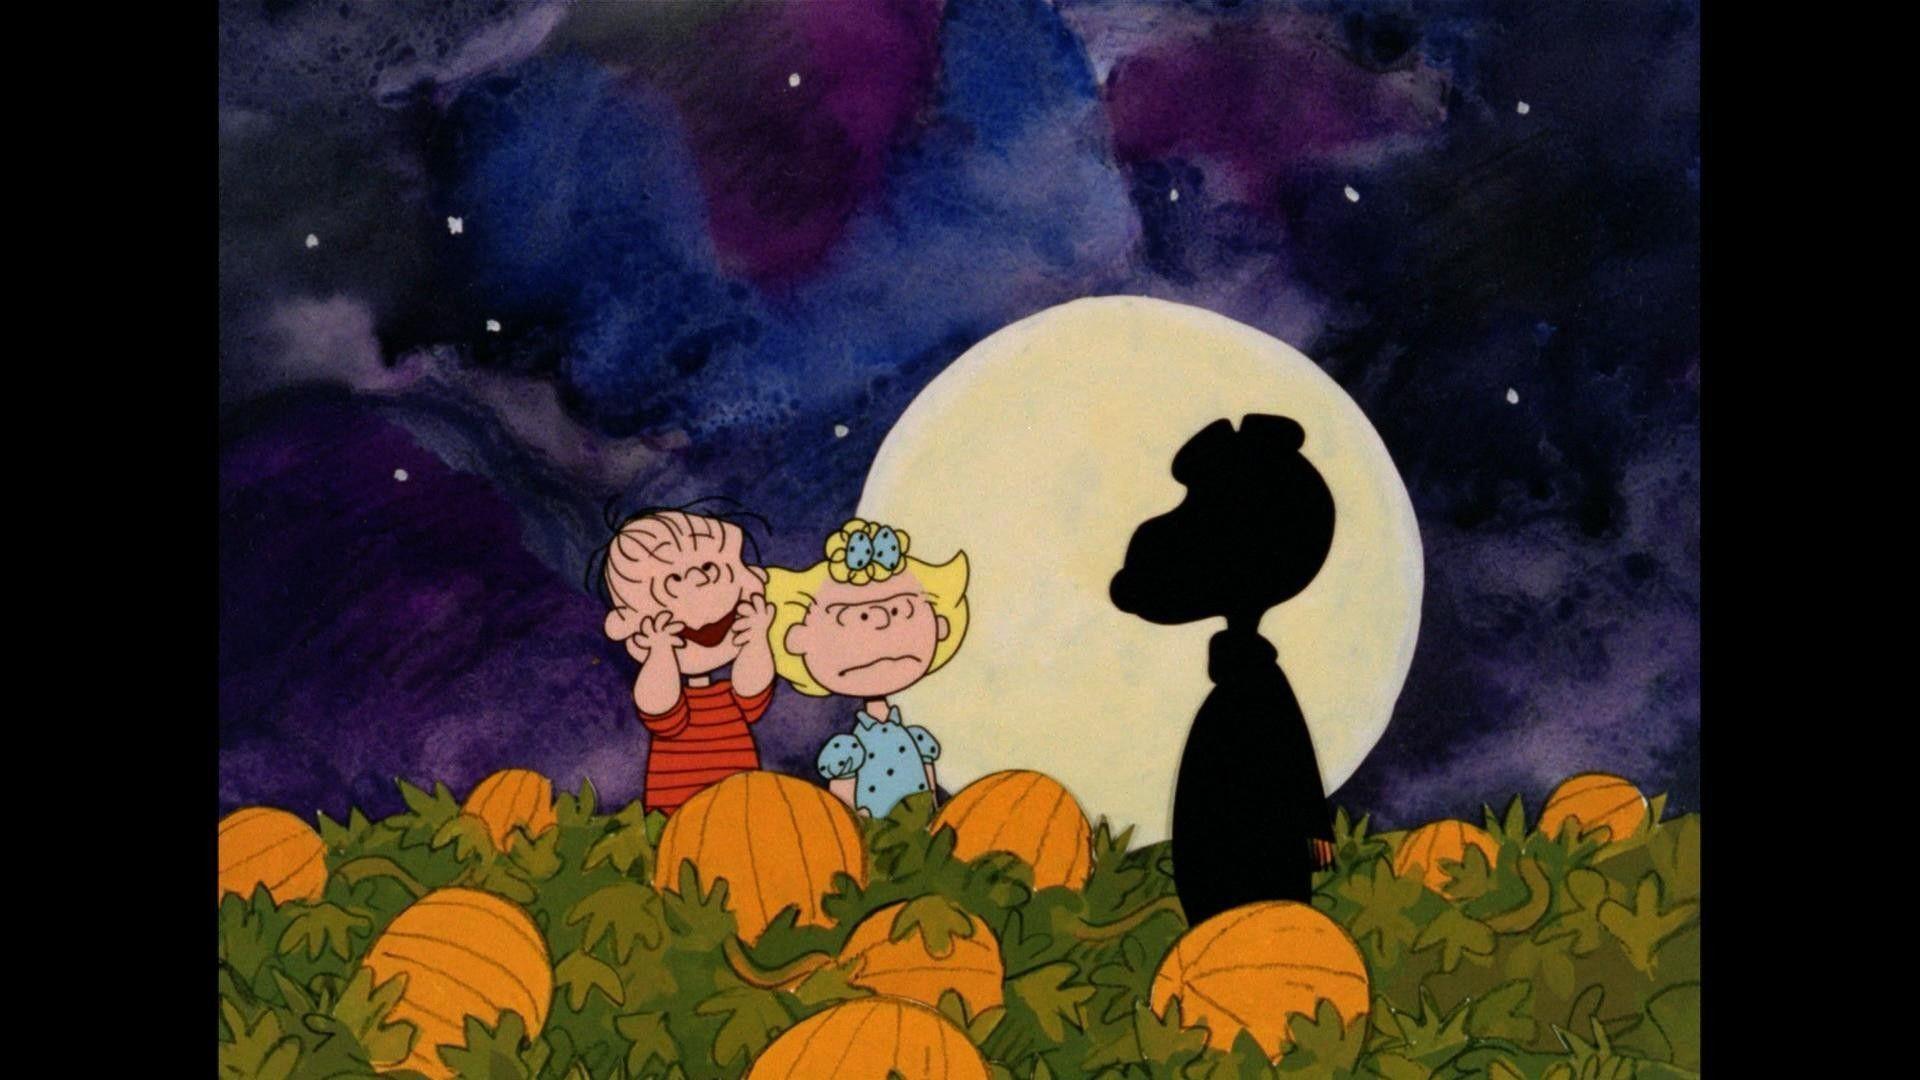 Charlie Brown Halloween Wallpapers Top Free Charlie Brown Halloween Backgrounds Wallpaperaccess